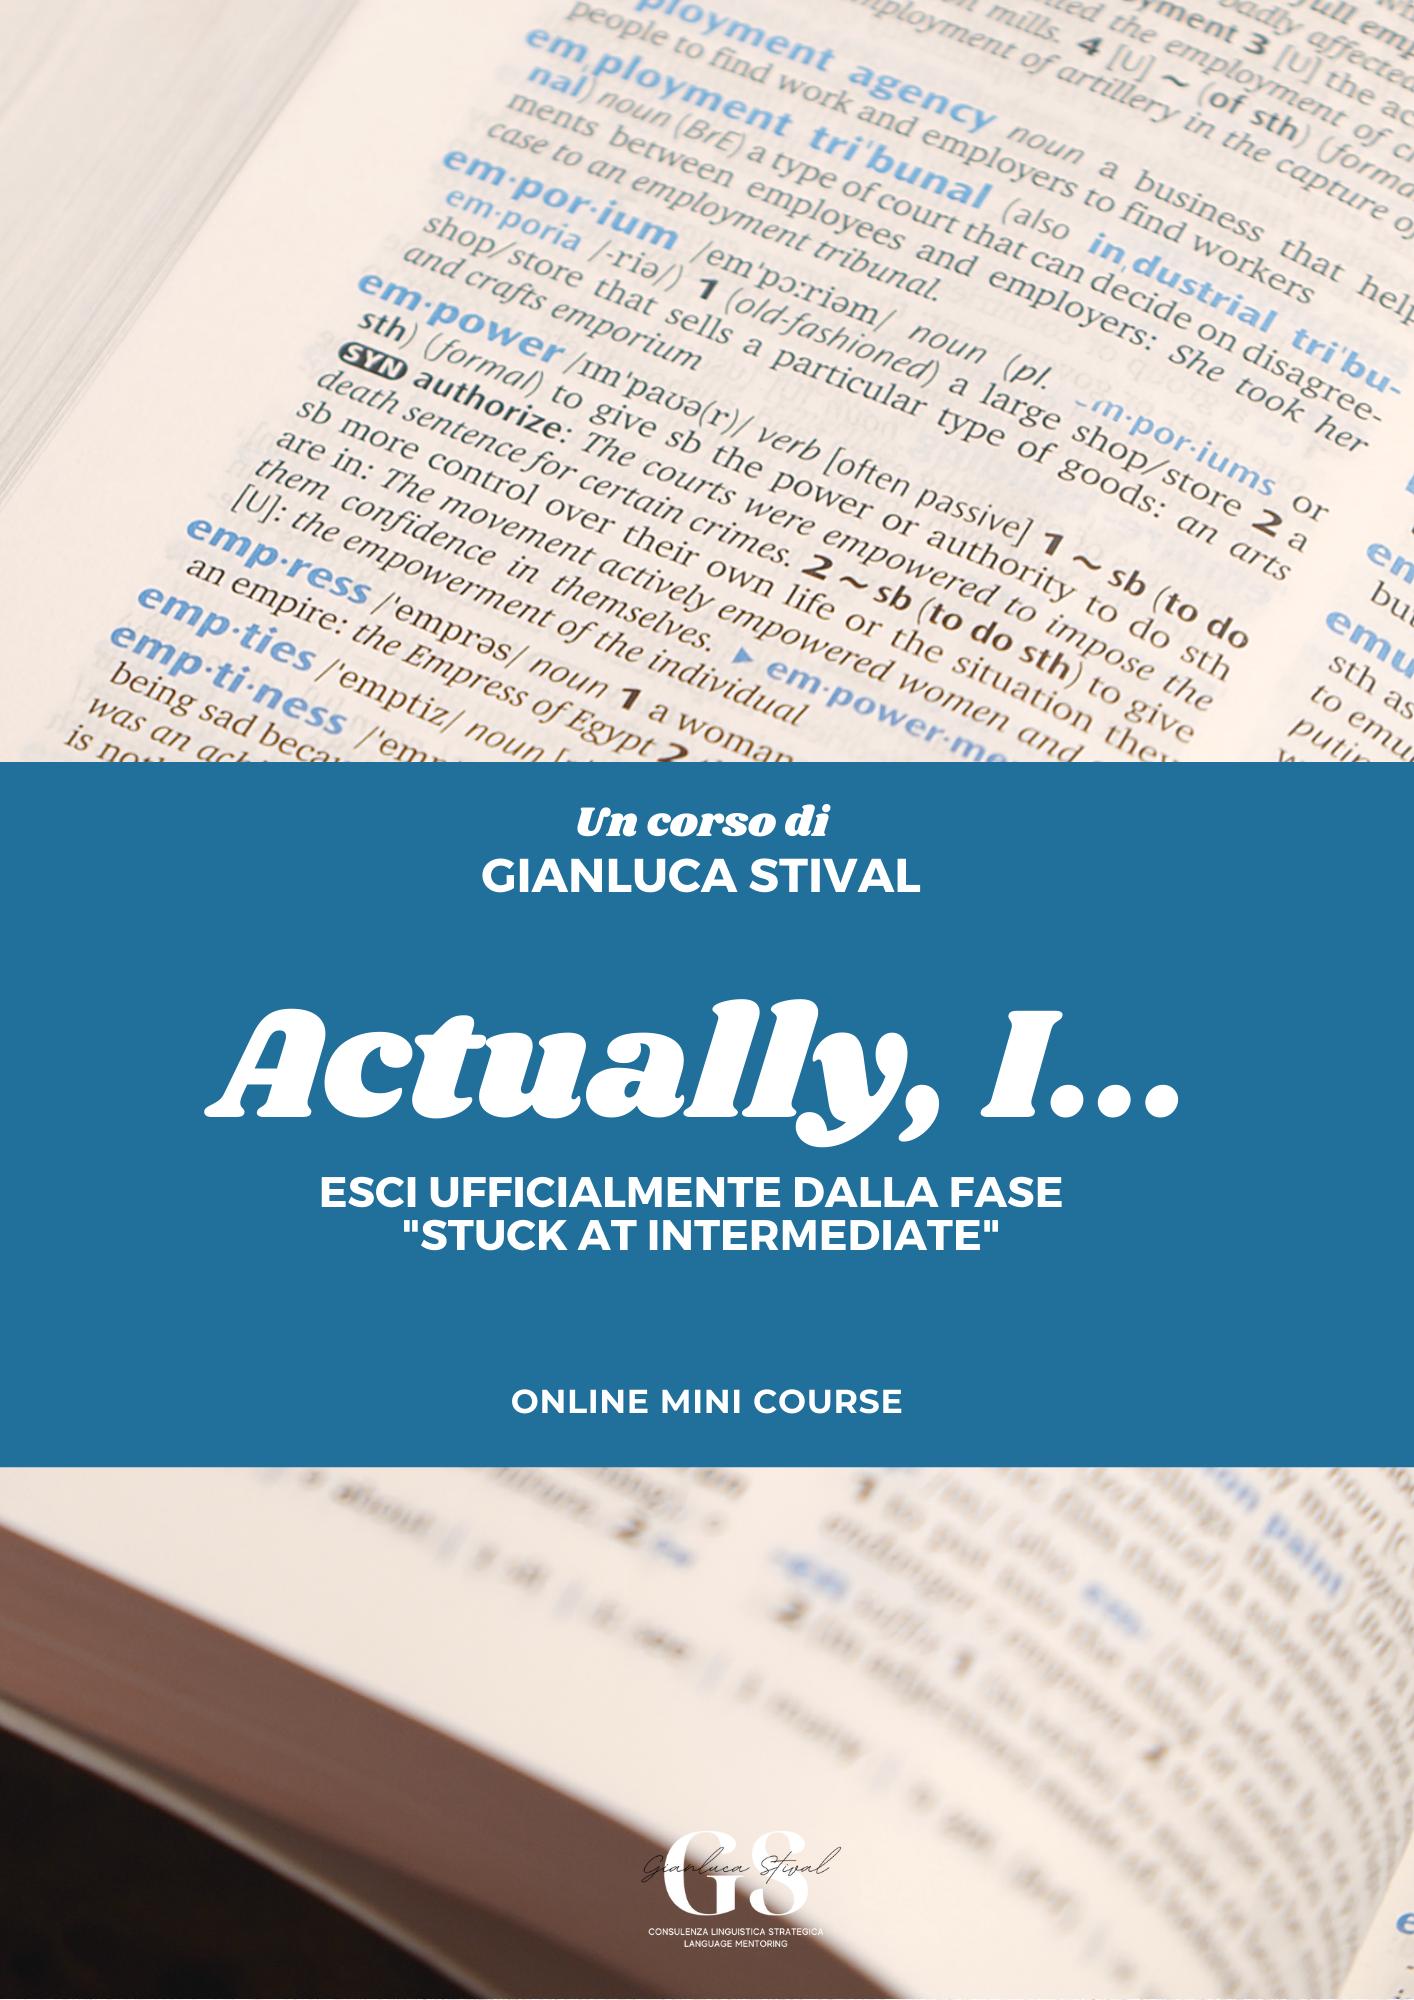 Gianluca stivale - consulenza linguistica strategica